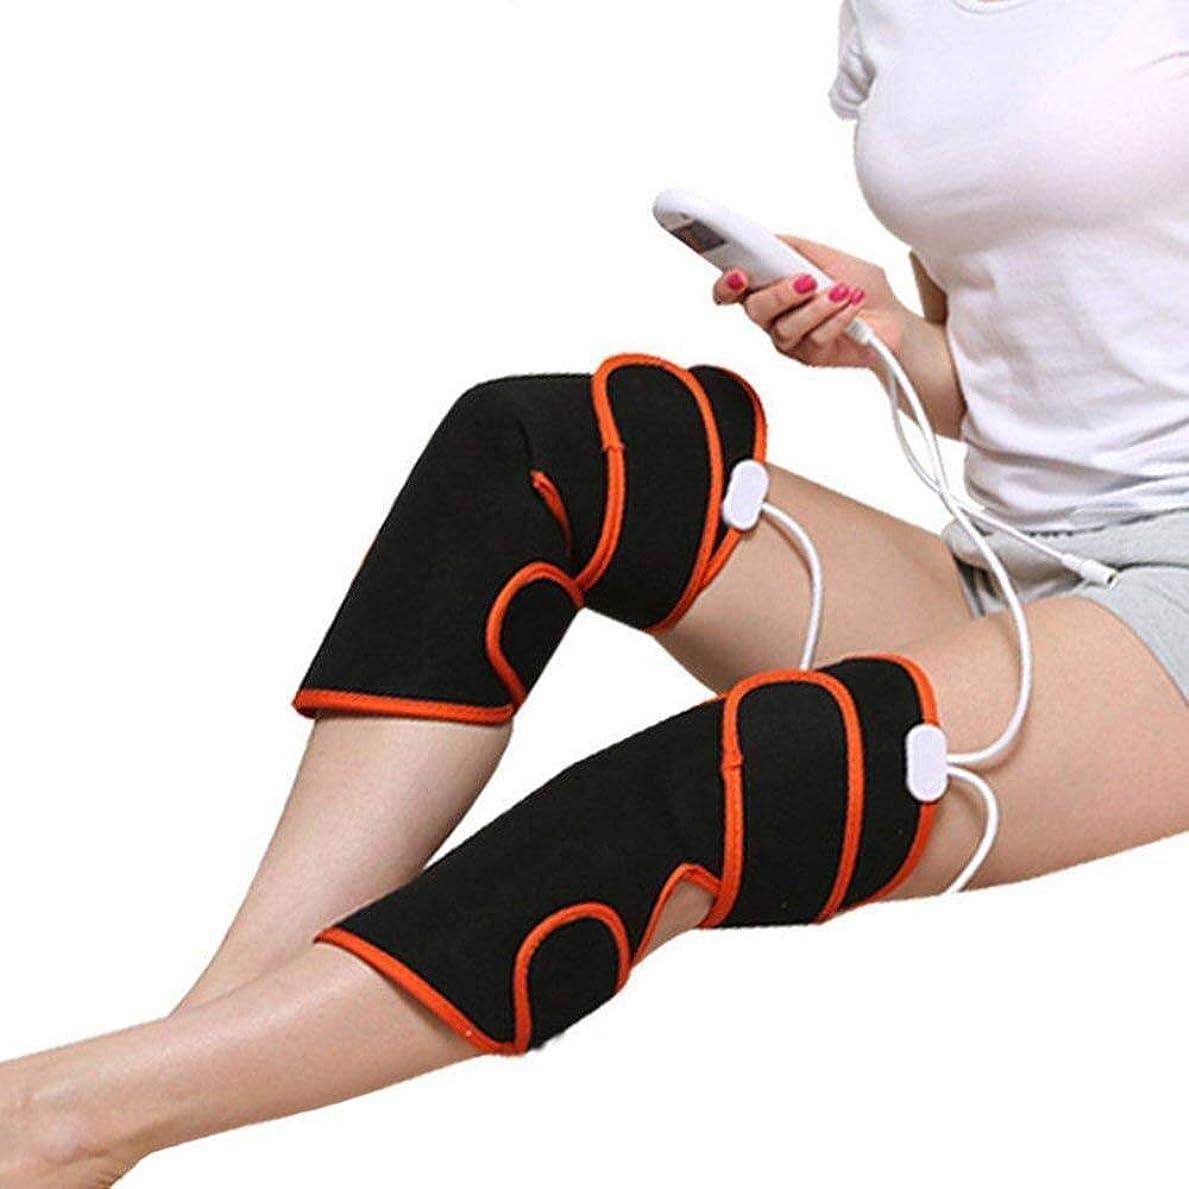 荷物ロール検索エンジンマーケティングLeaTherBack エアーマッサージャー 膝マット保温セイジレッグリフレ温感機能搭載 太ももき対応